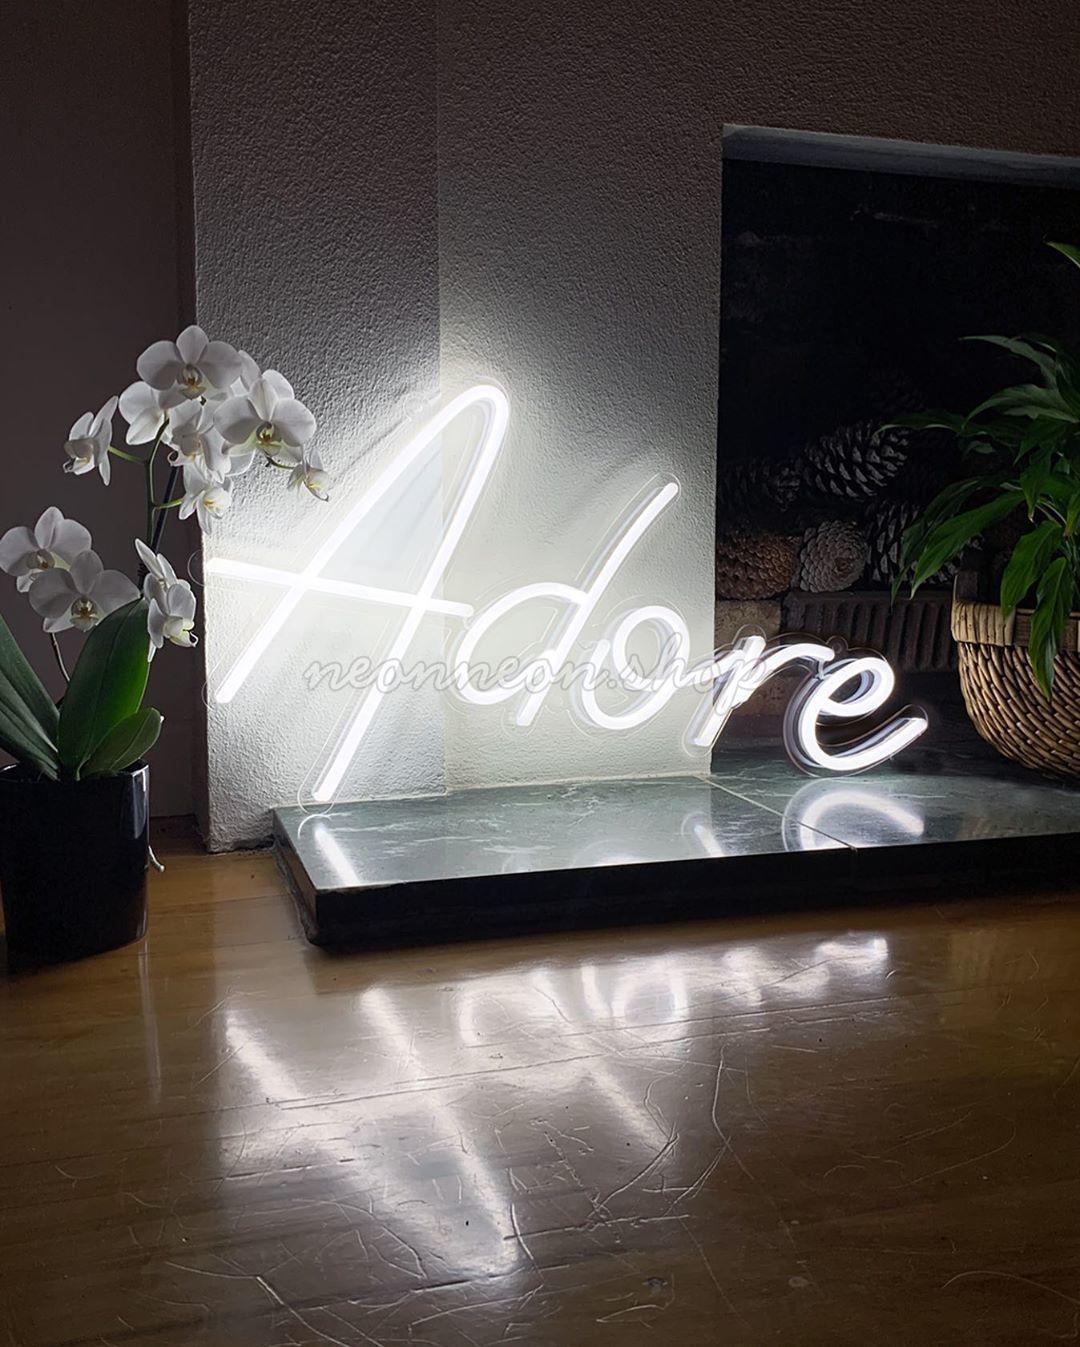 Adore Neon Sign homedecor interiordesign home decor